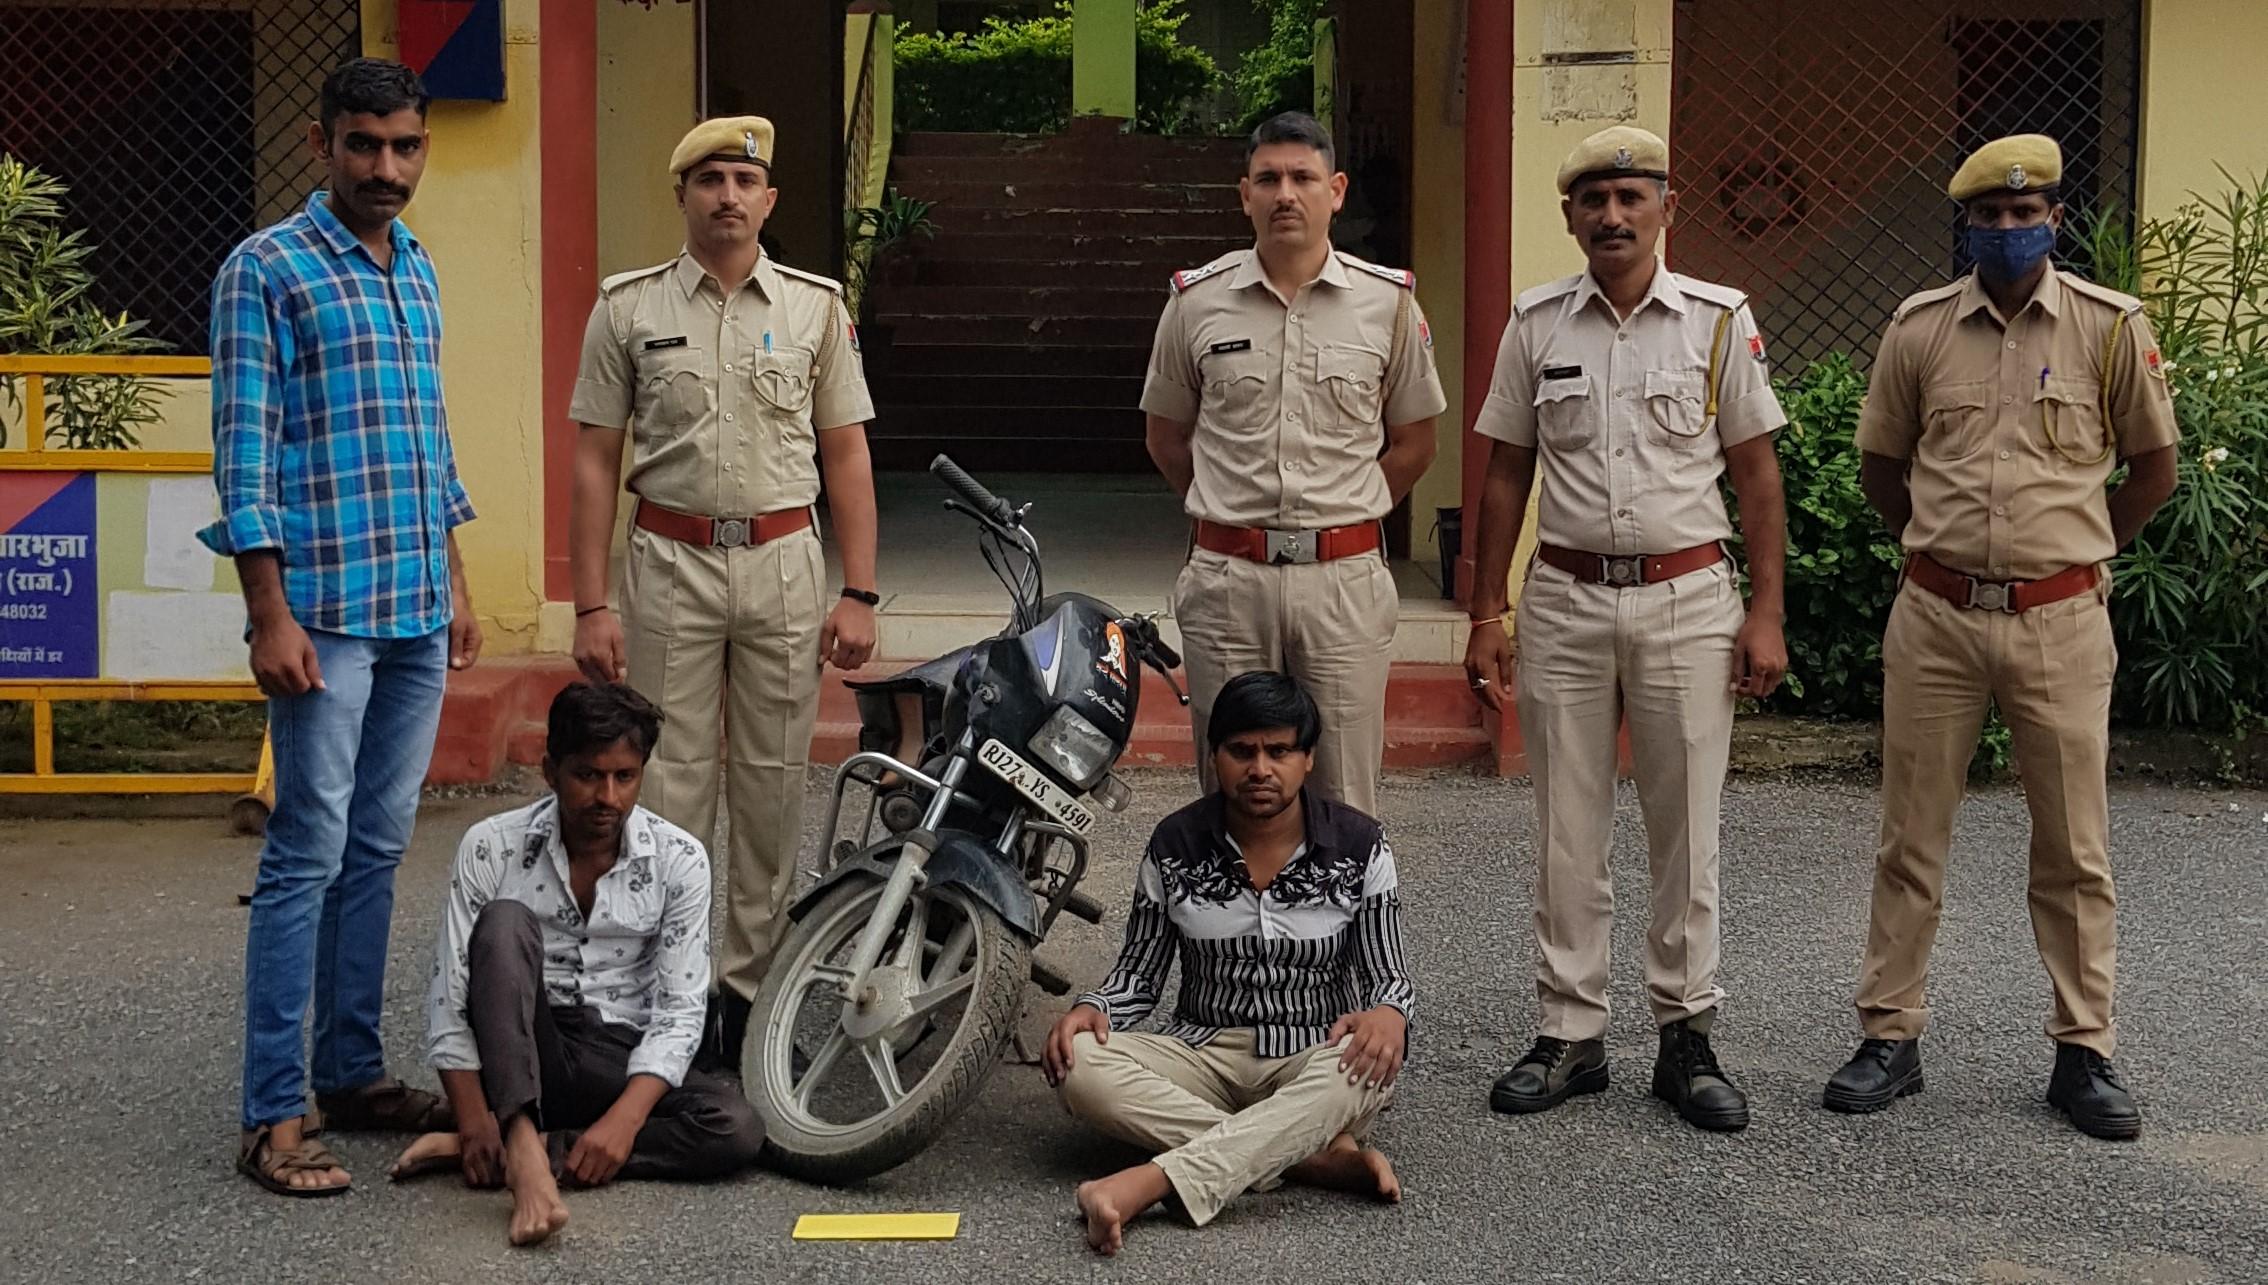 खरीदारी करने पहुंचे तो नोट देखकरदुकानदारों ने दी सूचना, पुलिस को देखकर बाइक लेकर भागे, घेराबंदी कर पकड़ा तो फाडे नोट, 500-500 के 18 नकली नोट जब्त|राजसमंद,Rajsamand - Dainik Bhaskar